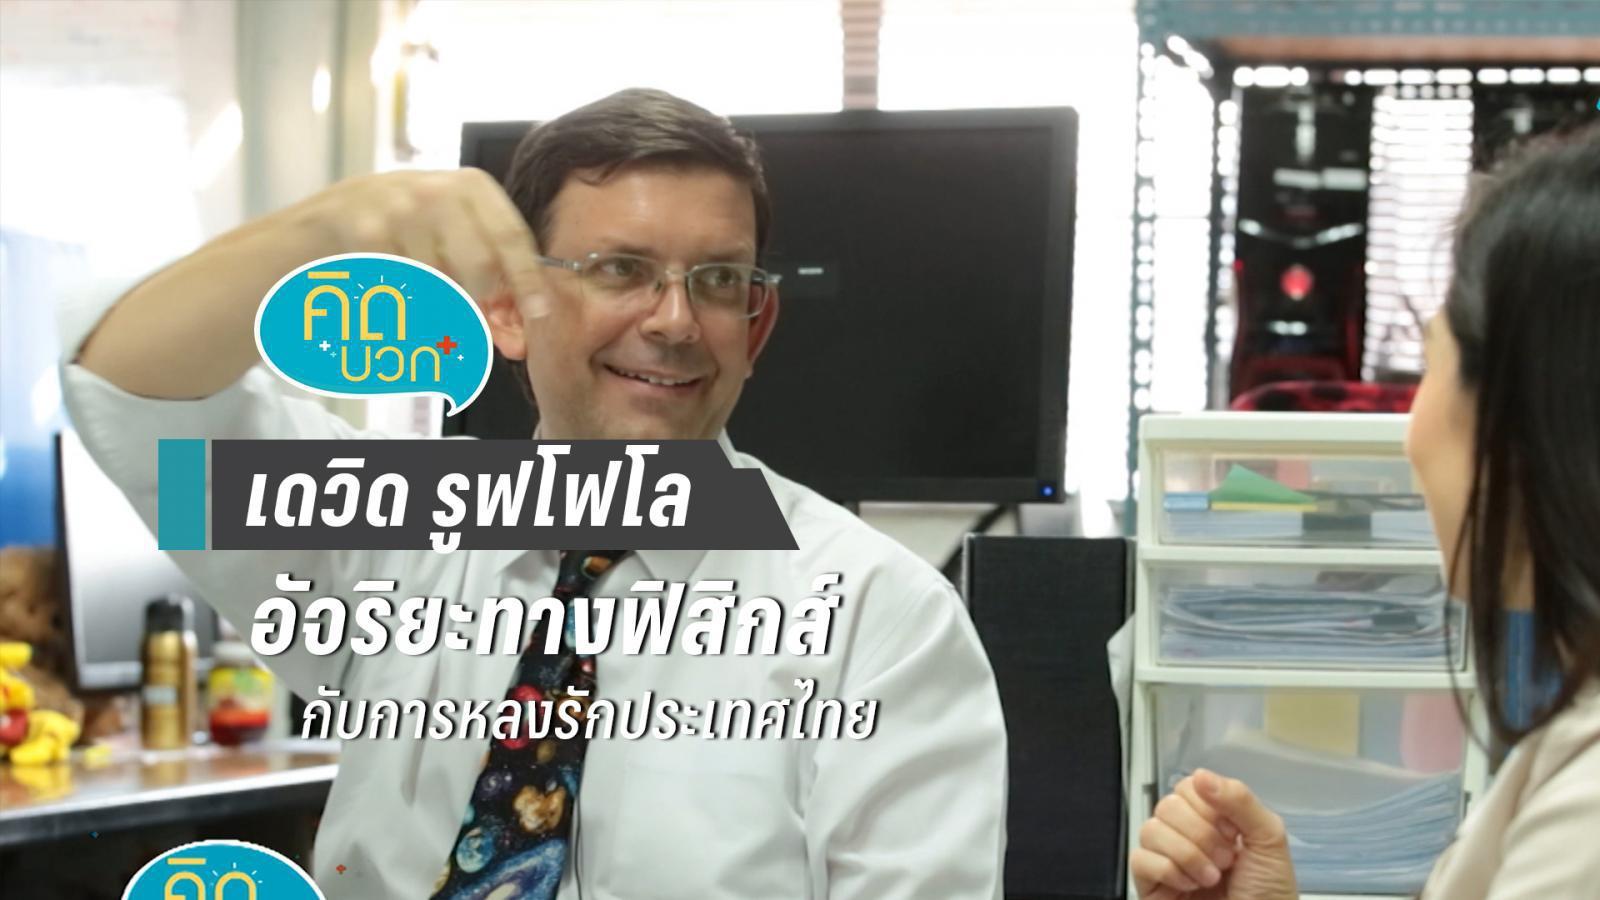 เดวิด รูฟโฟโล อัจริยะทางฟิสิกส์กับการหลงรักประเทศไทย